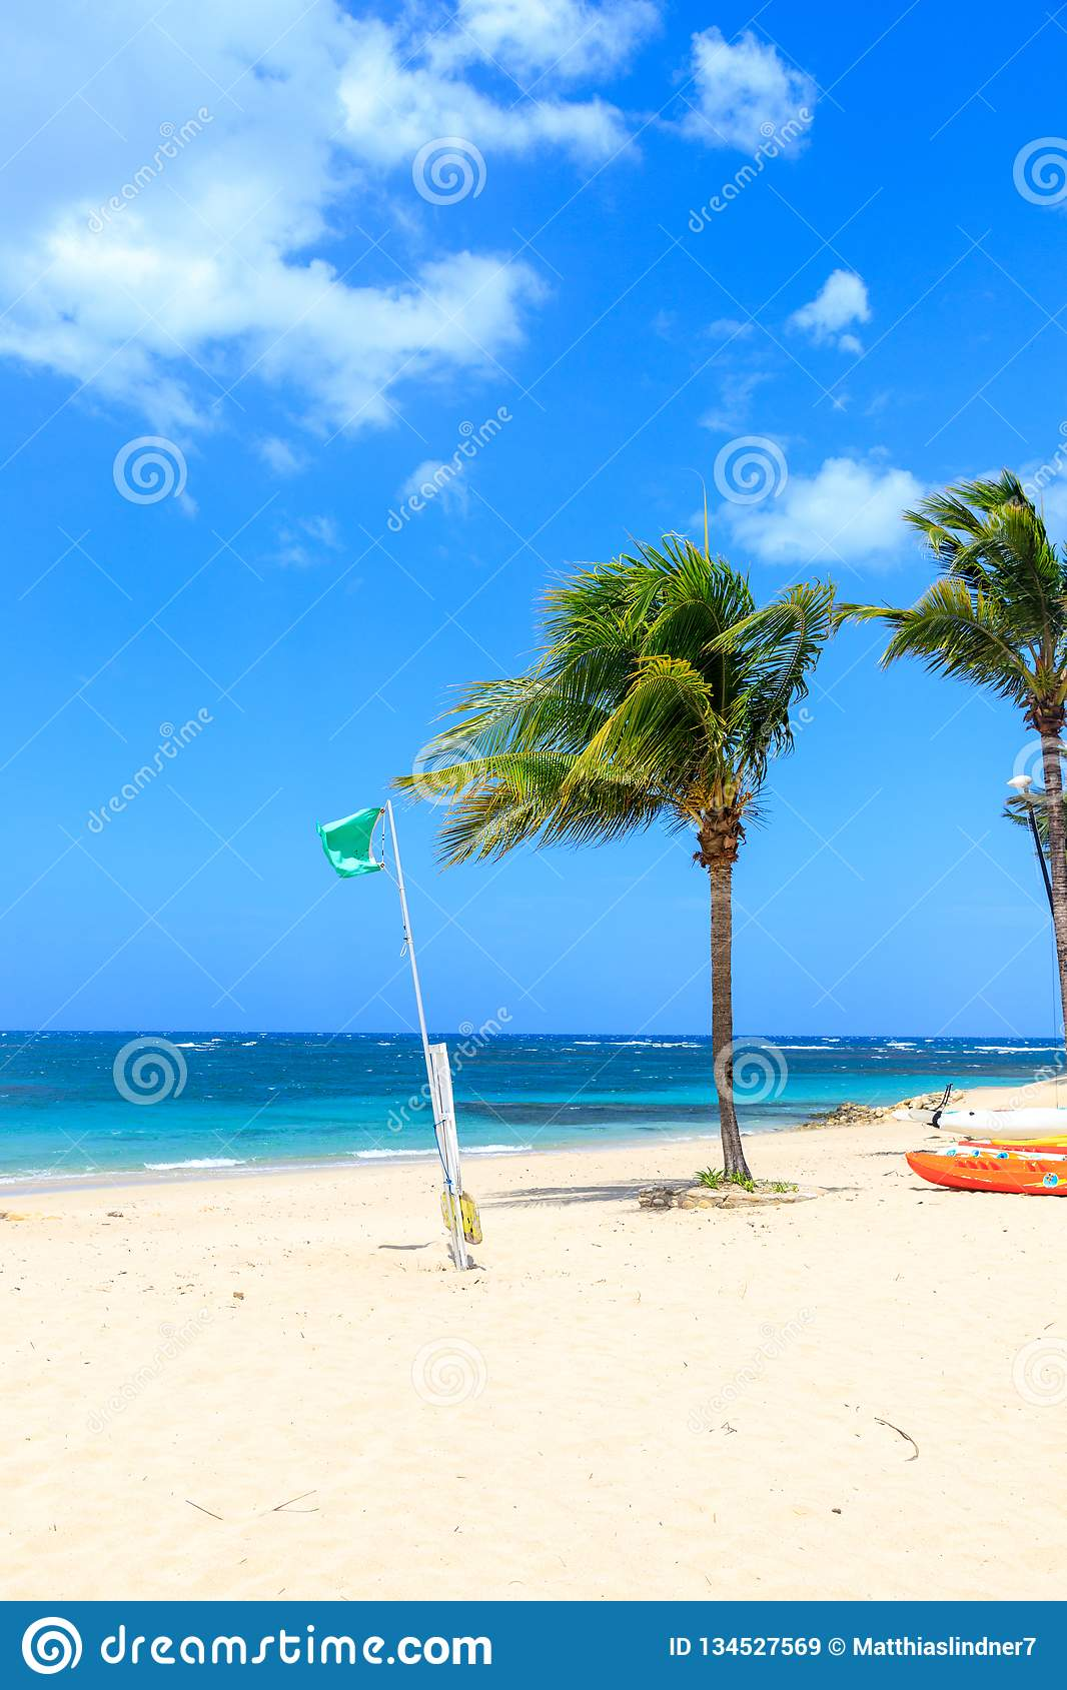 Grüne Flagge auf dem Strand zeigt keine Gefahr beim Baden an Dominikanische Republik